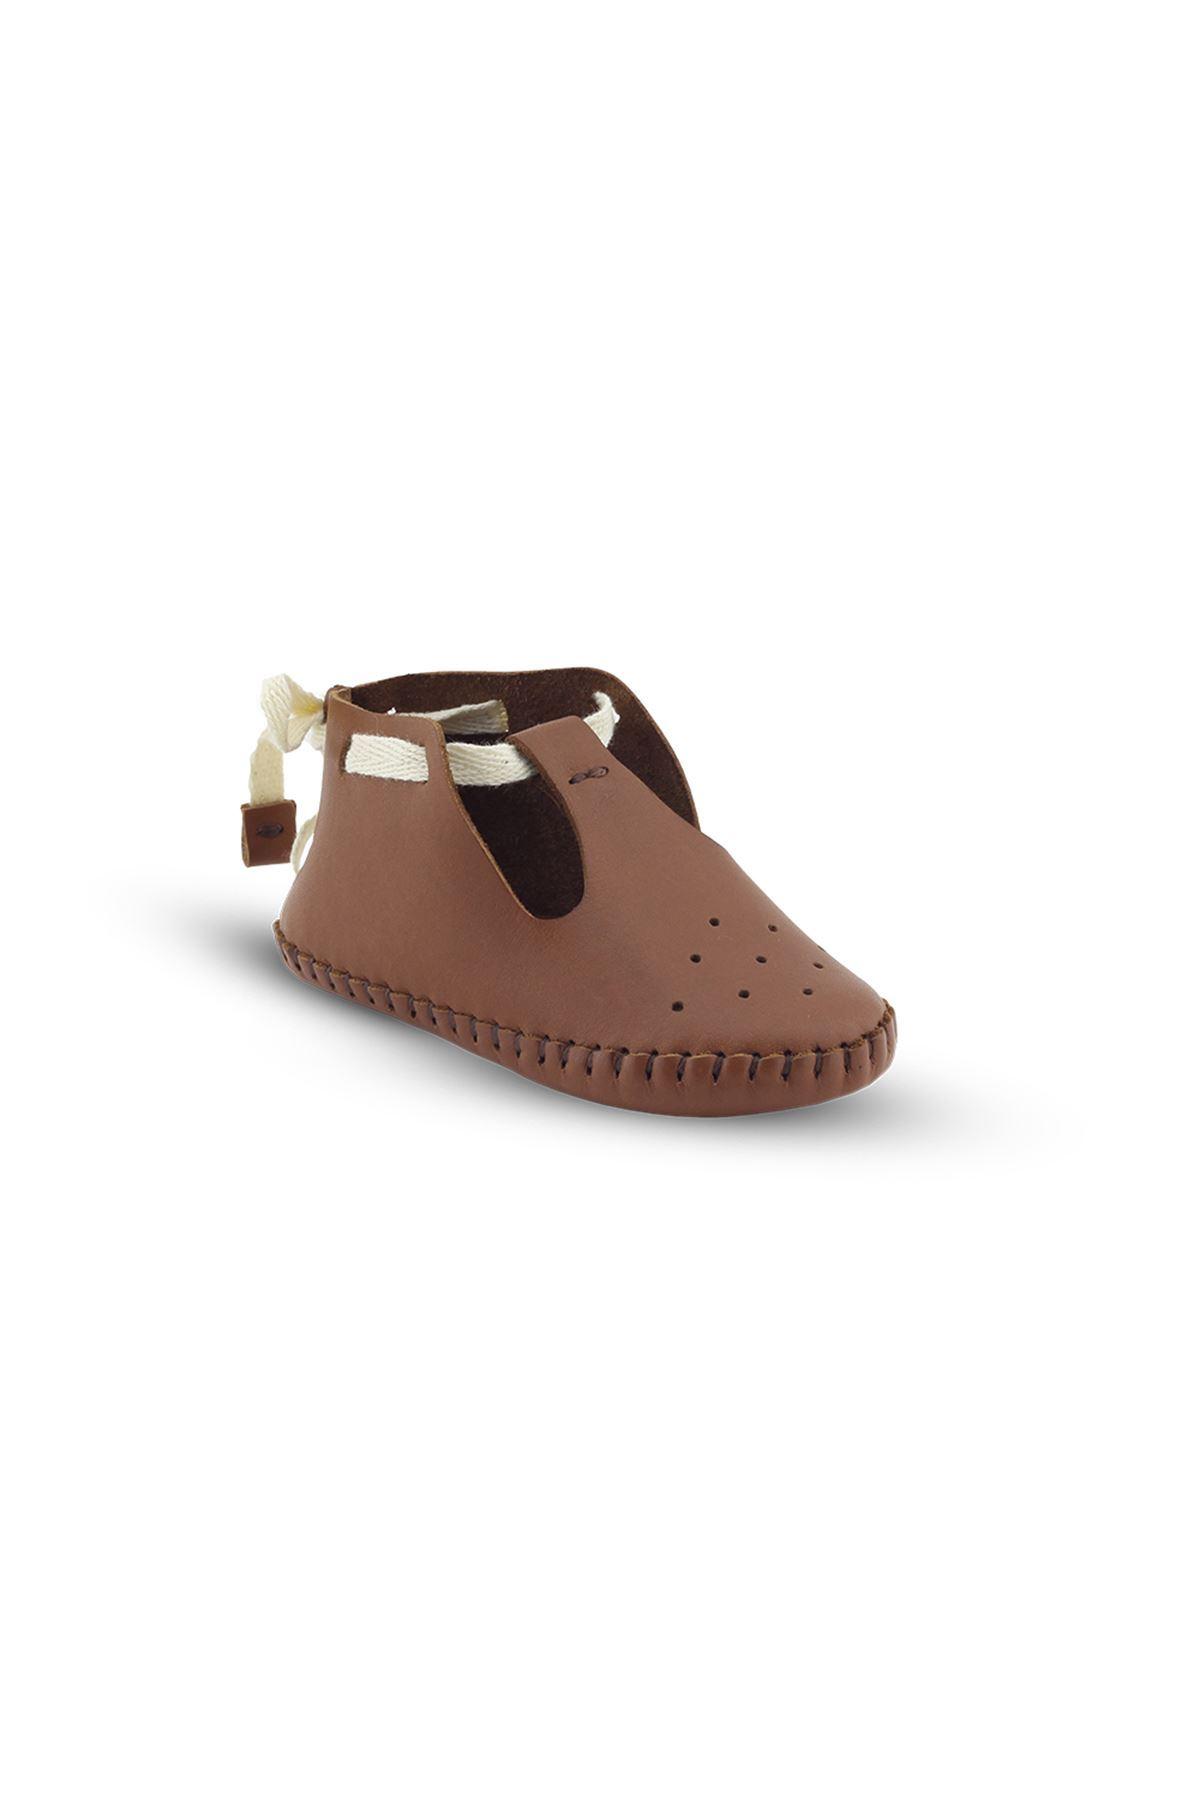 BB03 Taba Hakiki Deri Unisex Bebek Patik İlk Adım Ev Ayakkabısı